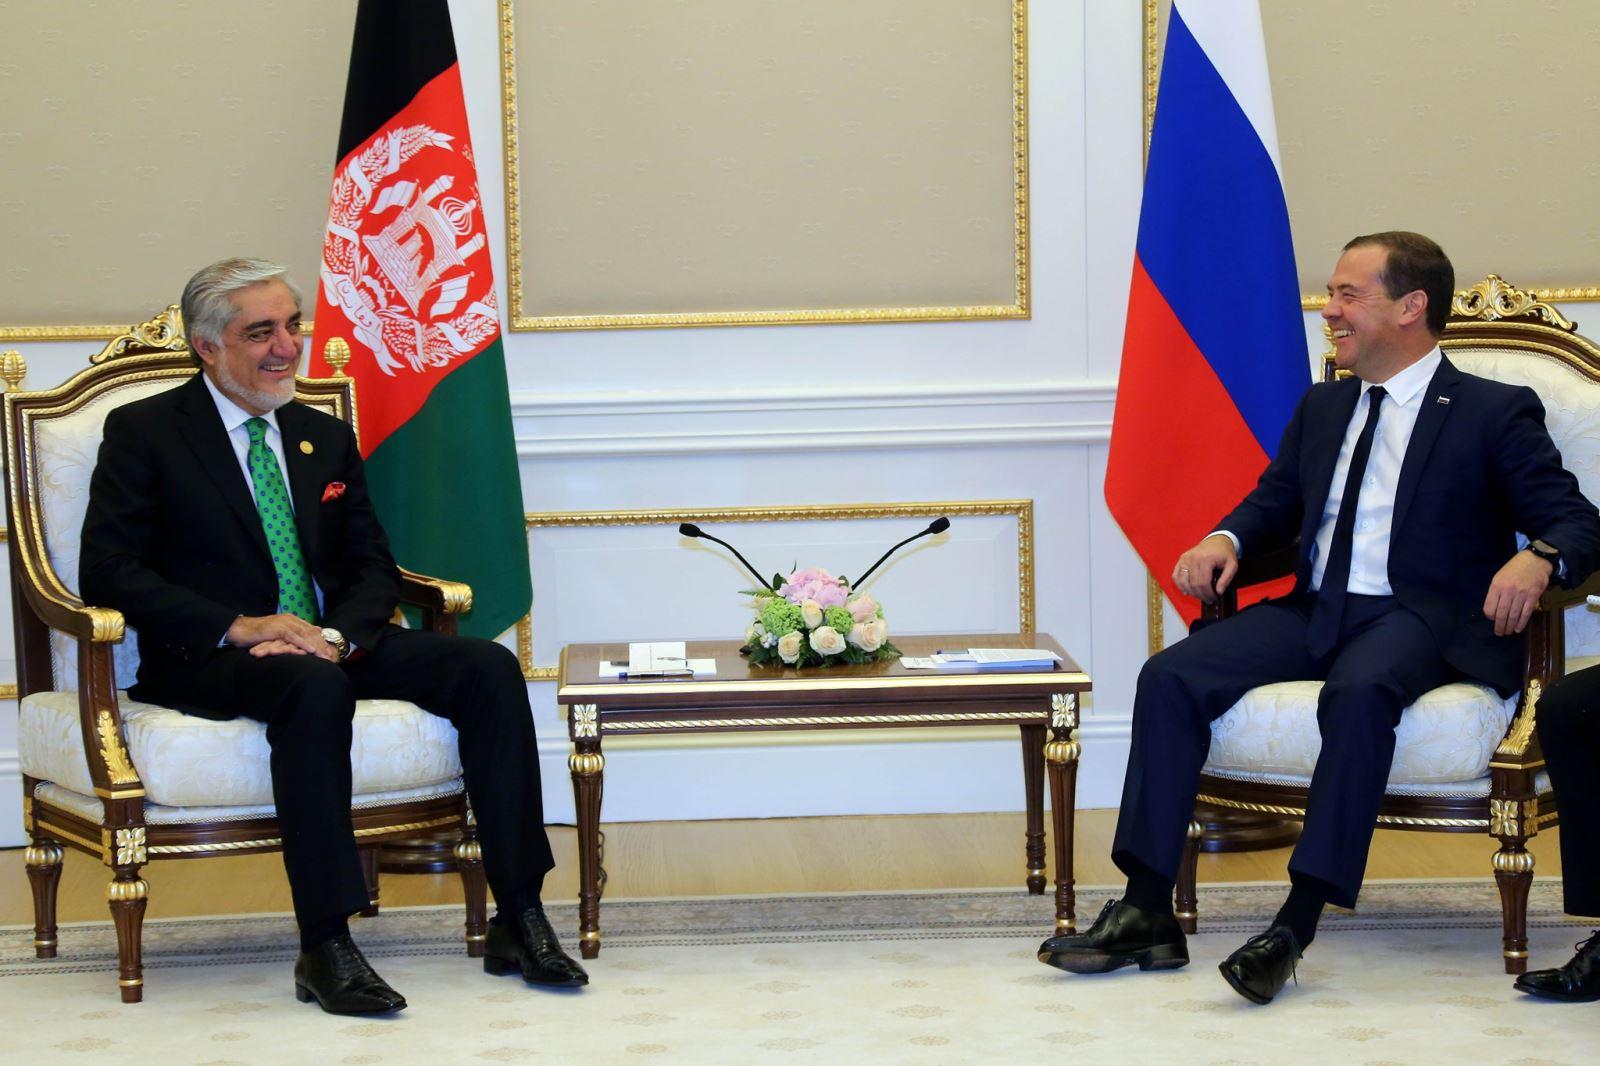 افغانستان یکی از دوستان دیرین روسیه است